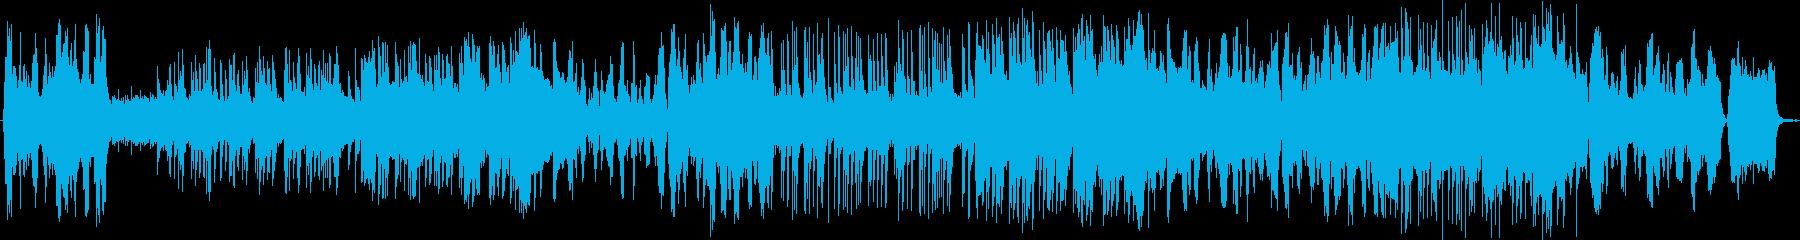 ストリングスとビアノの優雅な午後のBGMの再生済みの波形